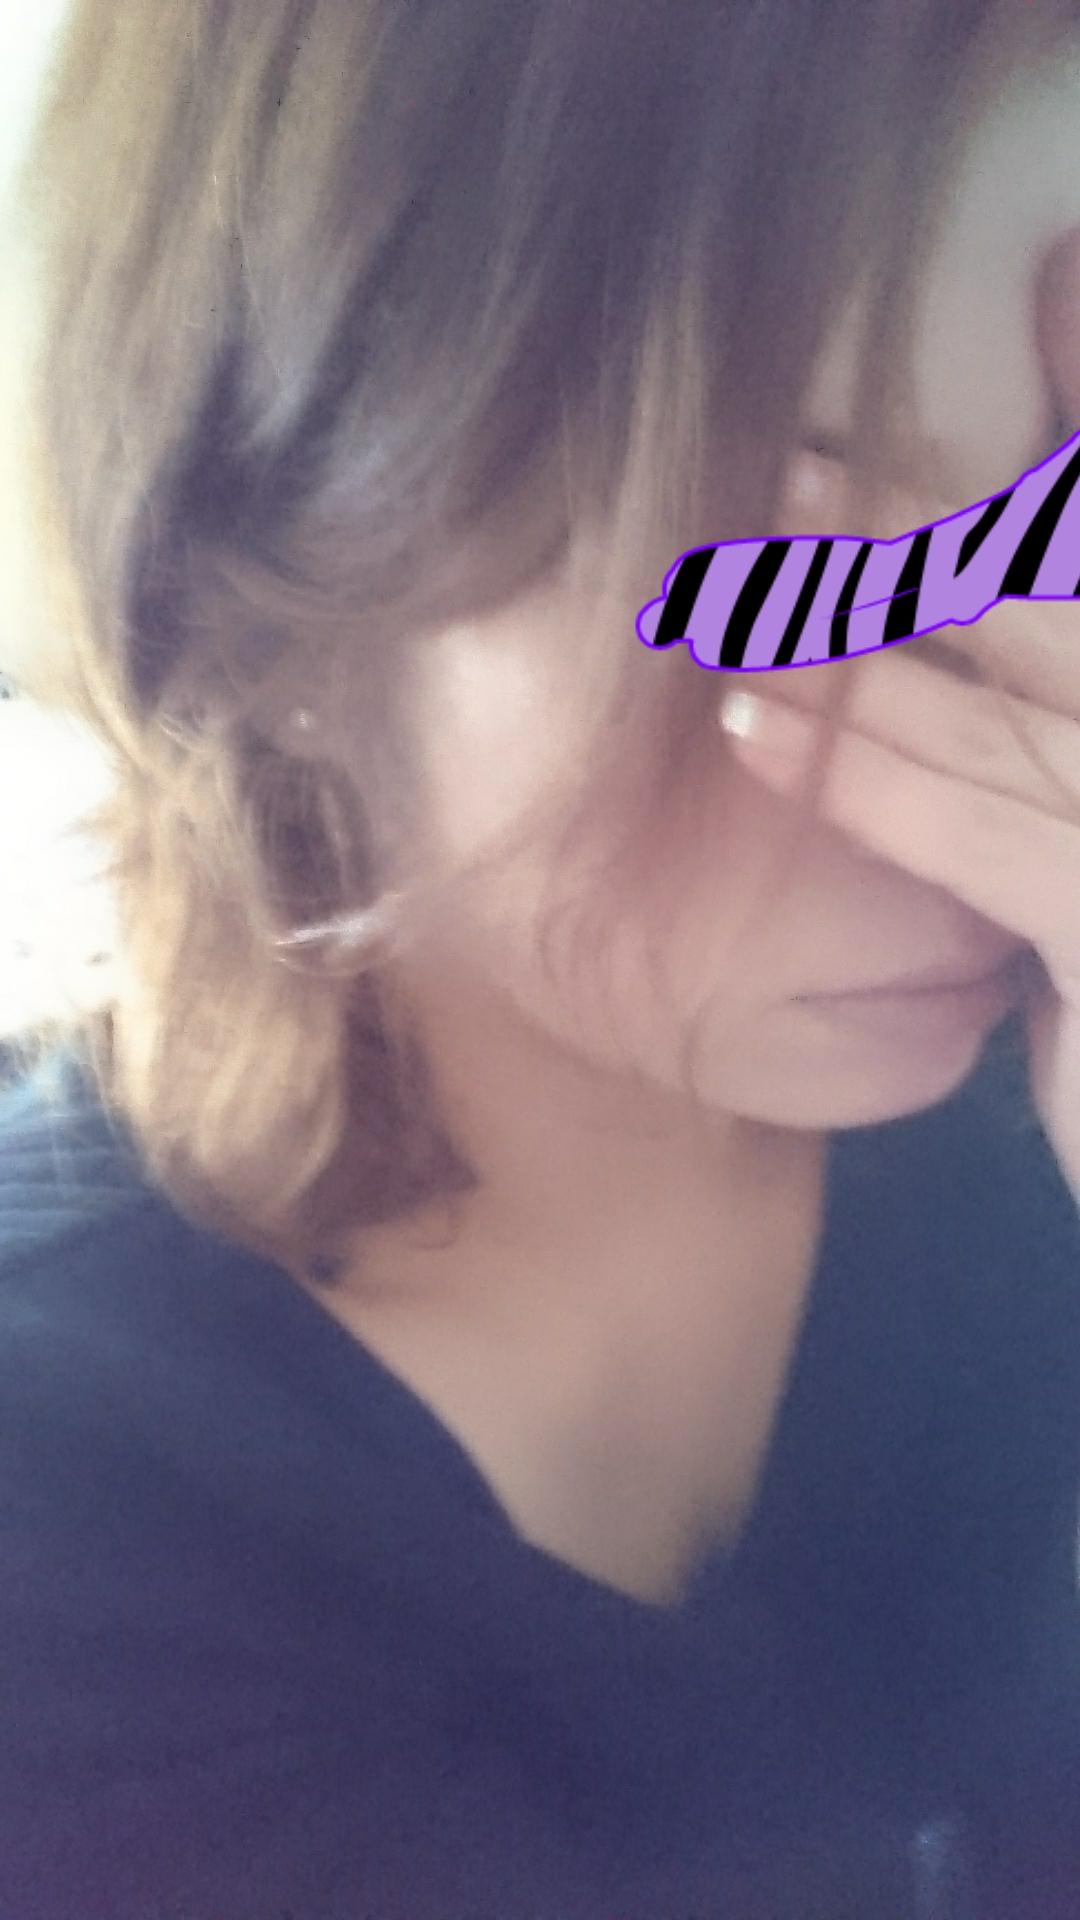 立川 まき「すごい風っ!」02/20(月) 23:35 | 立川 まきの写メ・風俗動画